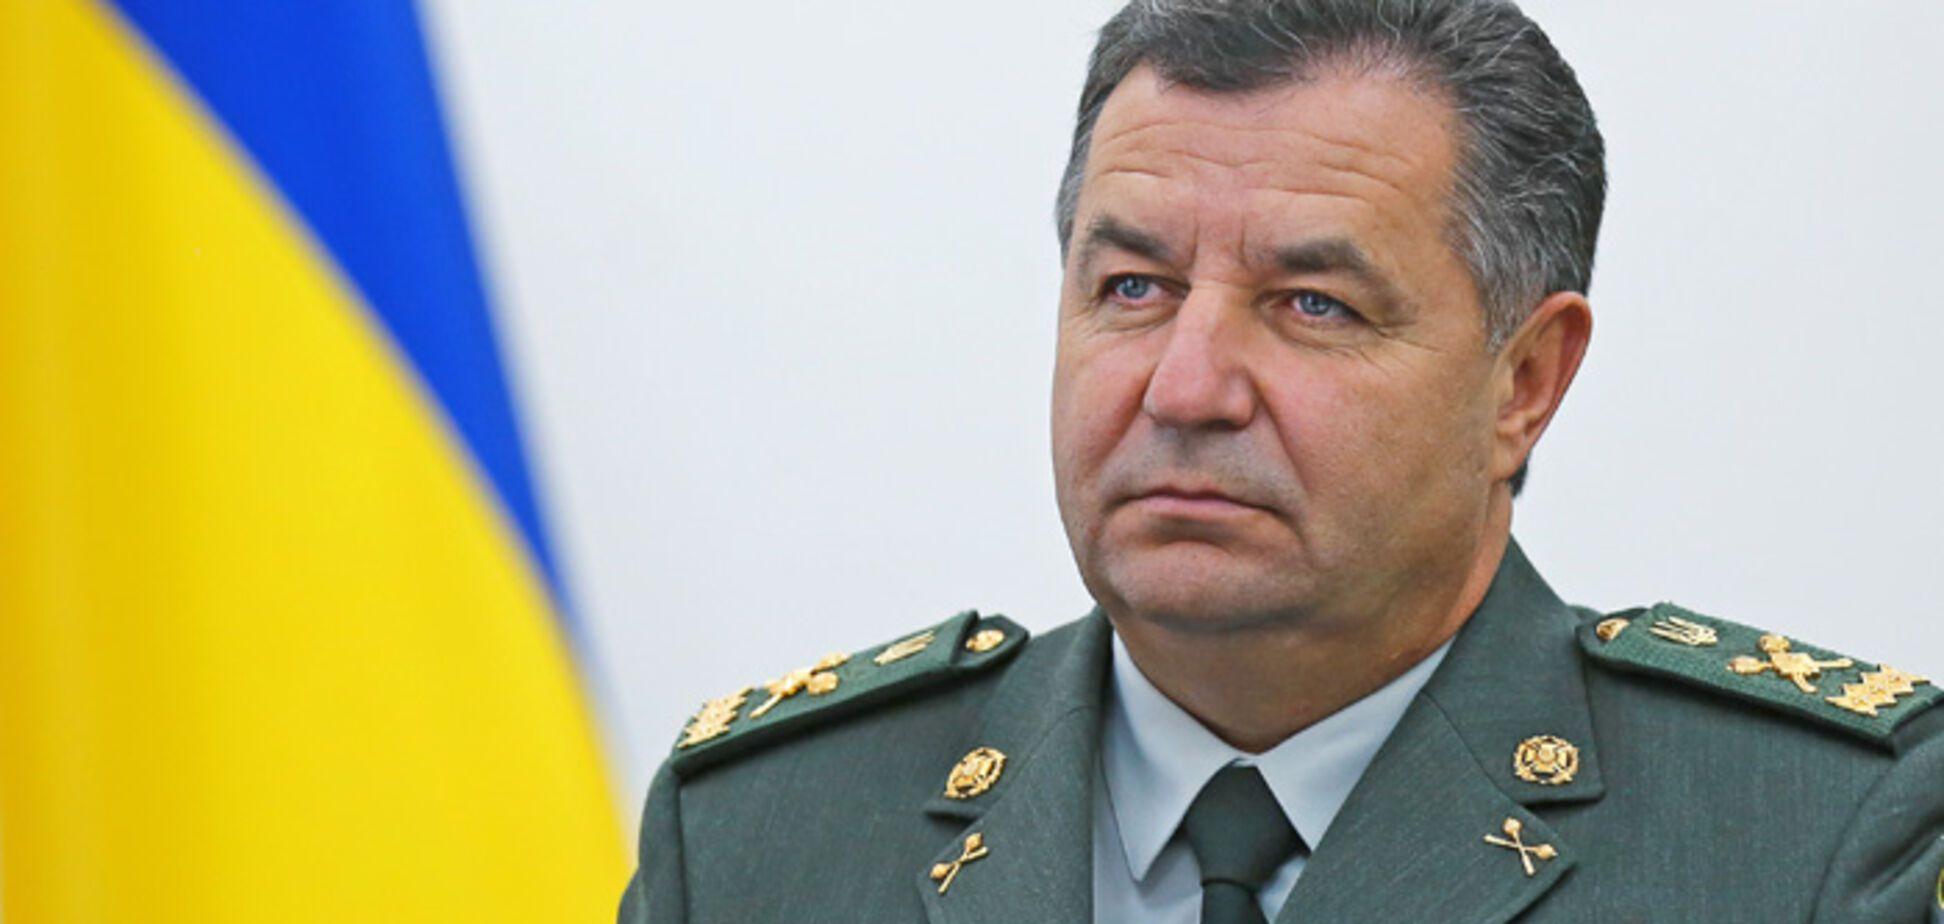 Повномасштабна війна з Росією: Полторак зробив прогноз